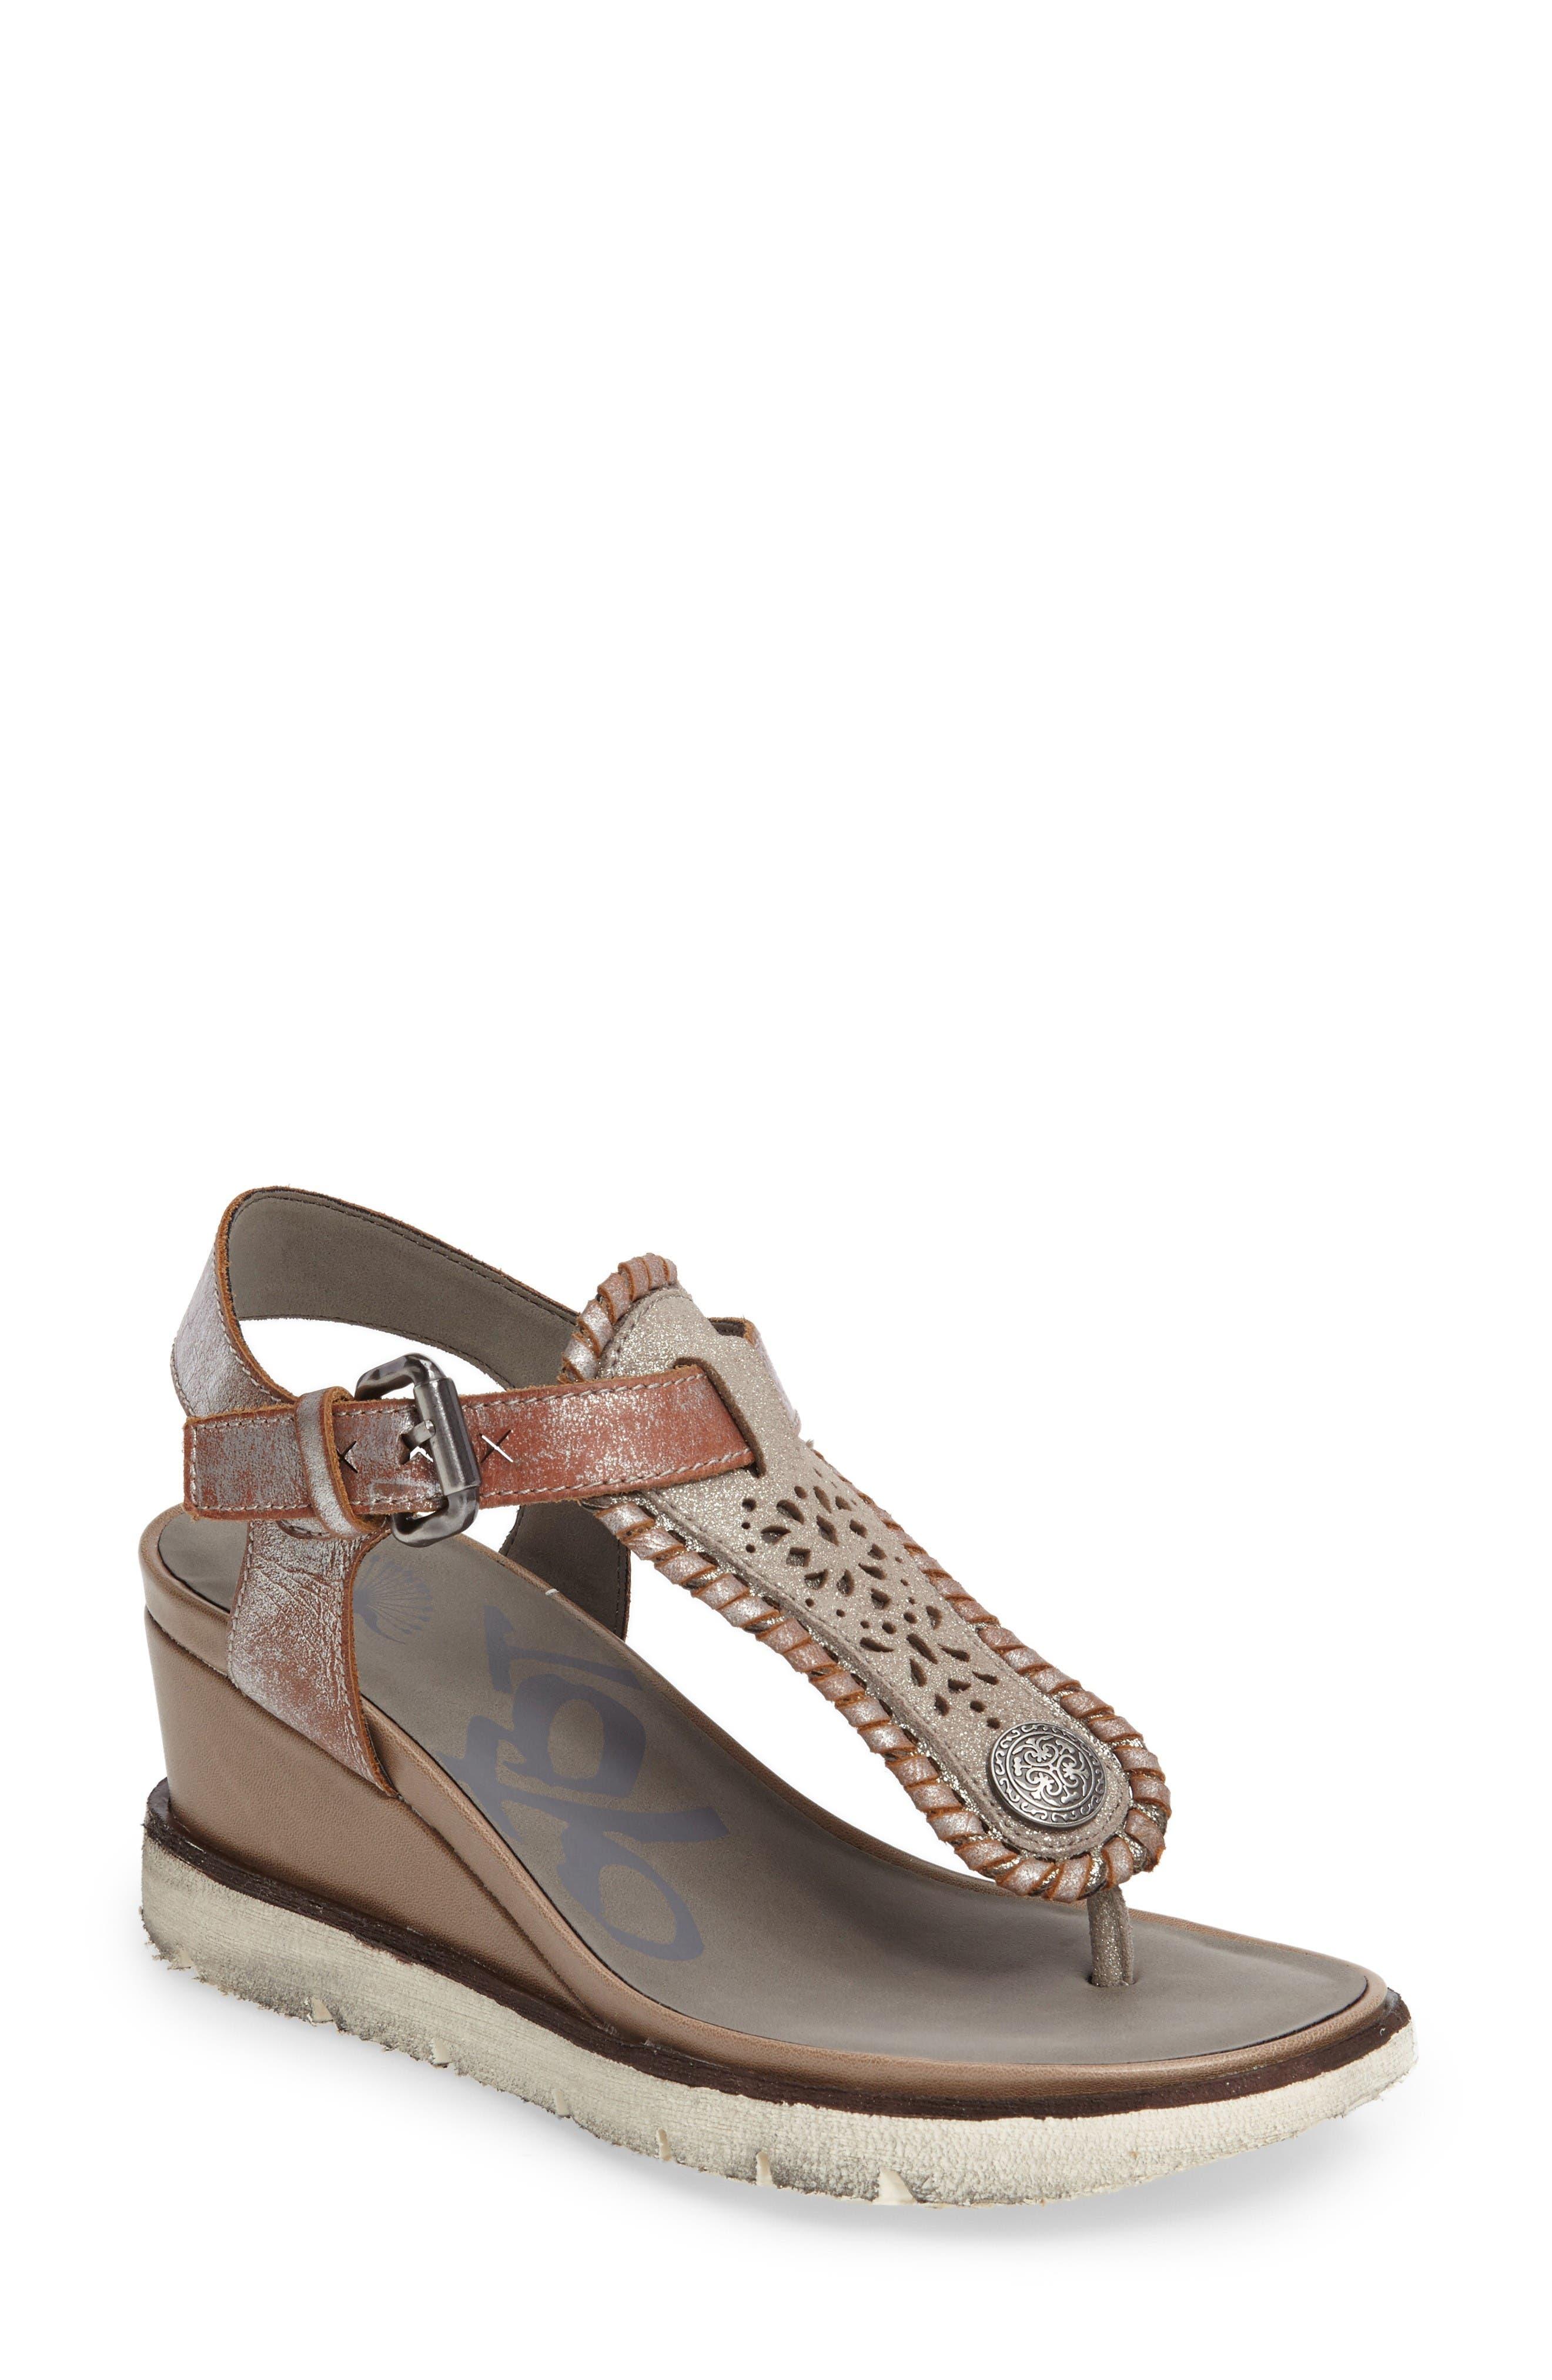 Excursion Wedge Sandal,                         Main,                         color, Cloudburst Leather